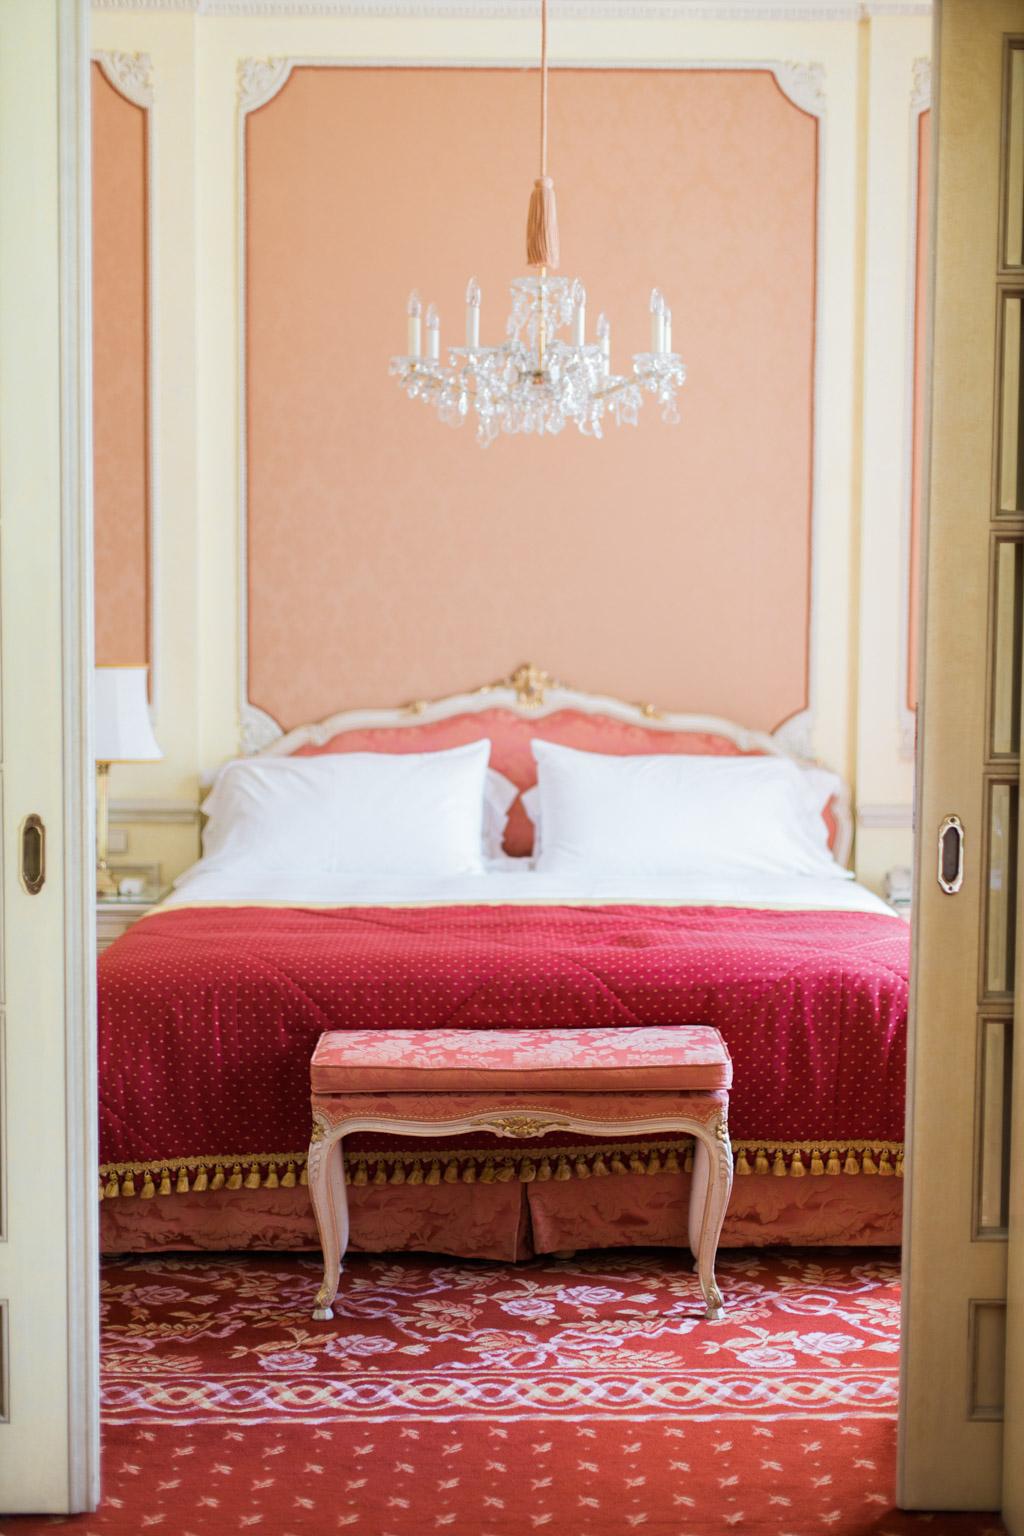 surprise-birthday-wedding-anniversary-themed-shooting-hotel-imperial-schloss-belvedere-vienna-austria-melanie-nedelko-photography-sissi-franz (3).JPG